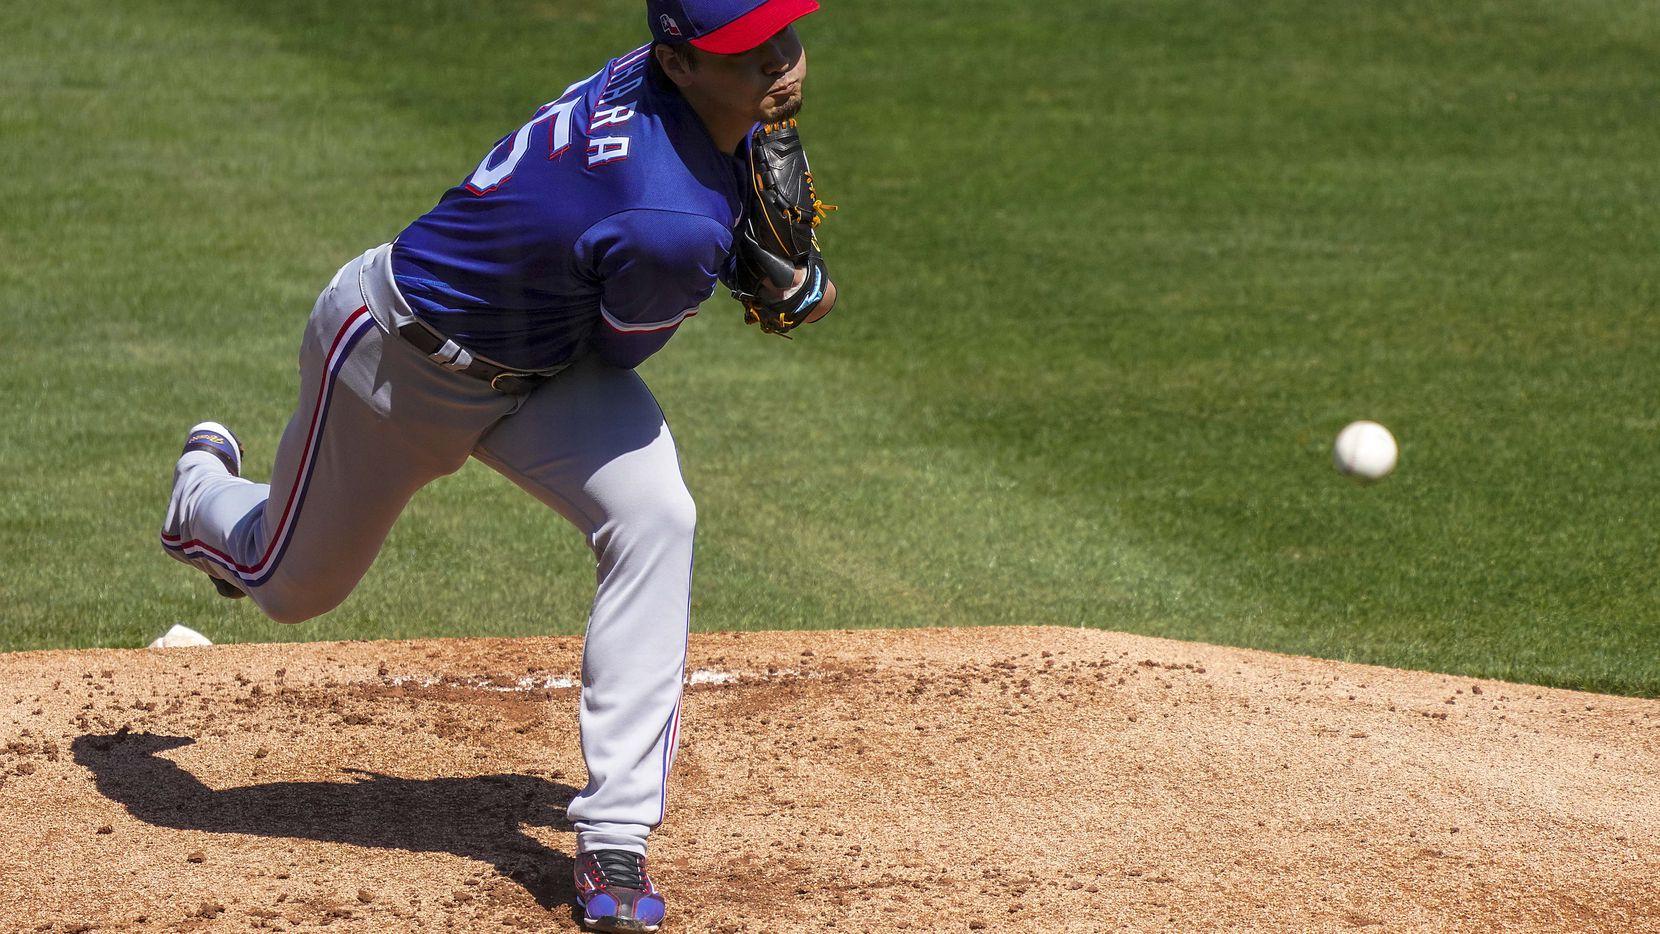 Kohei Arihara lanza una bola en la primera entrada en partido de los Rangers de Texas ante los Cubs de Chicago.